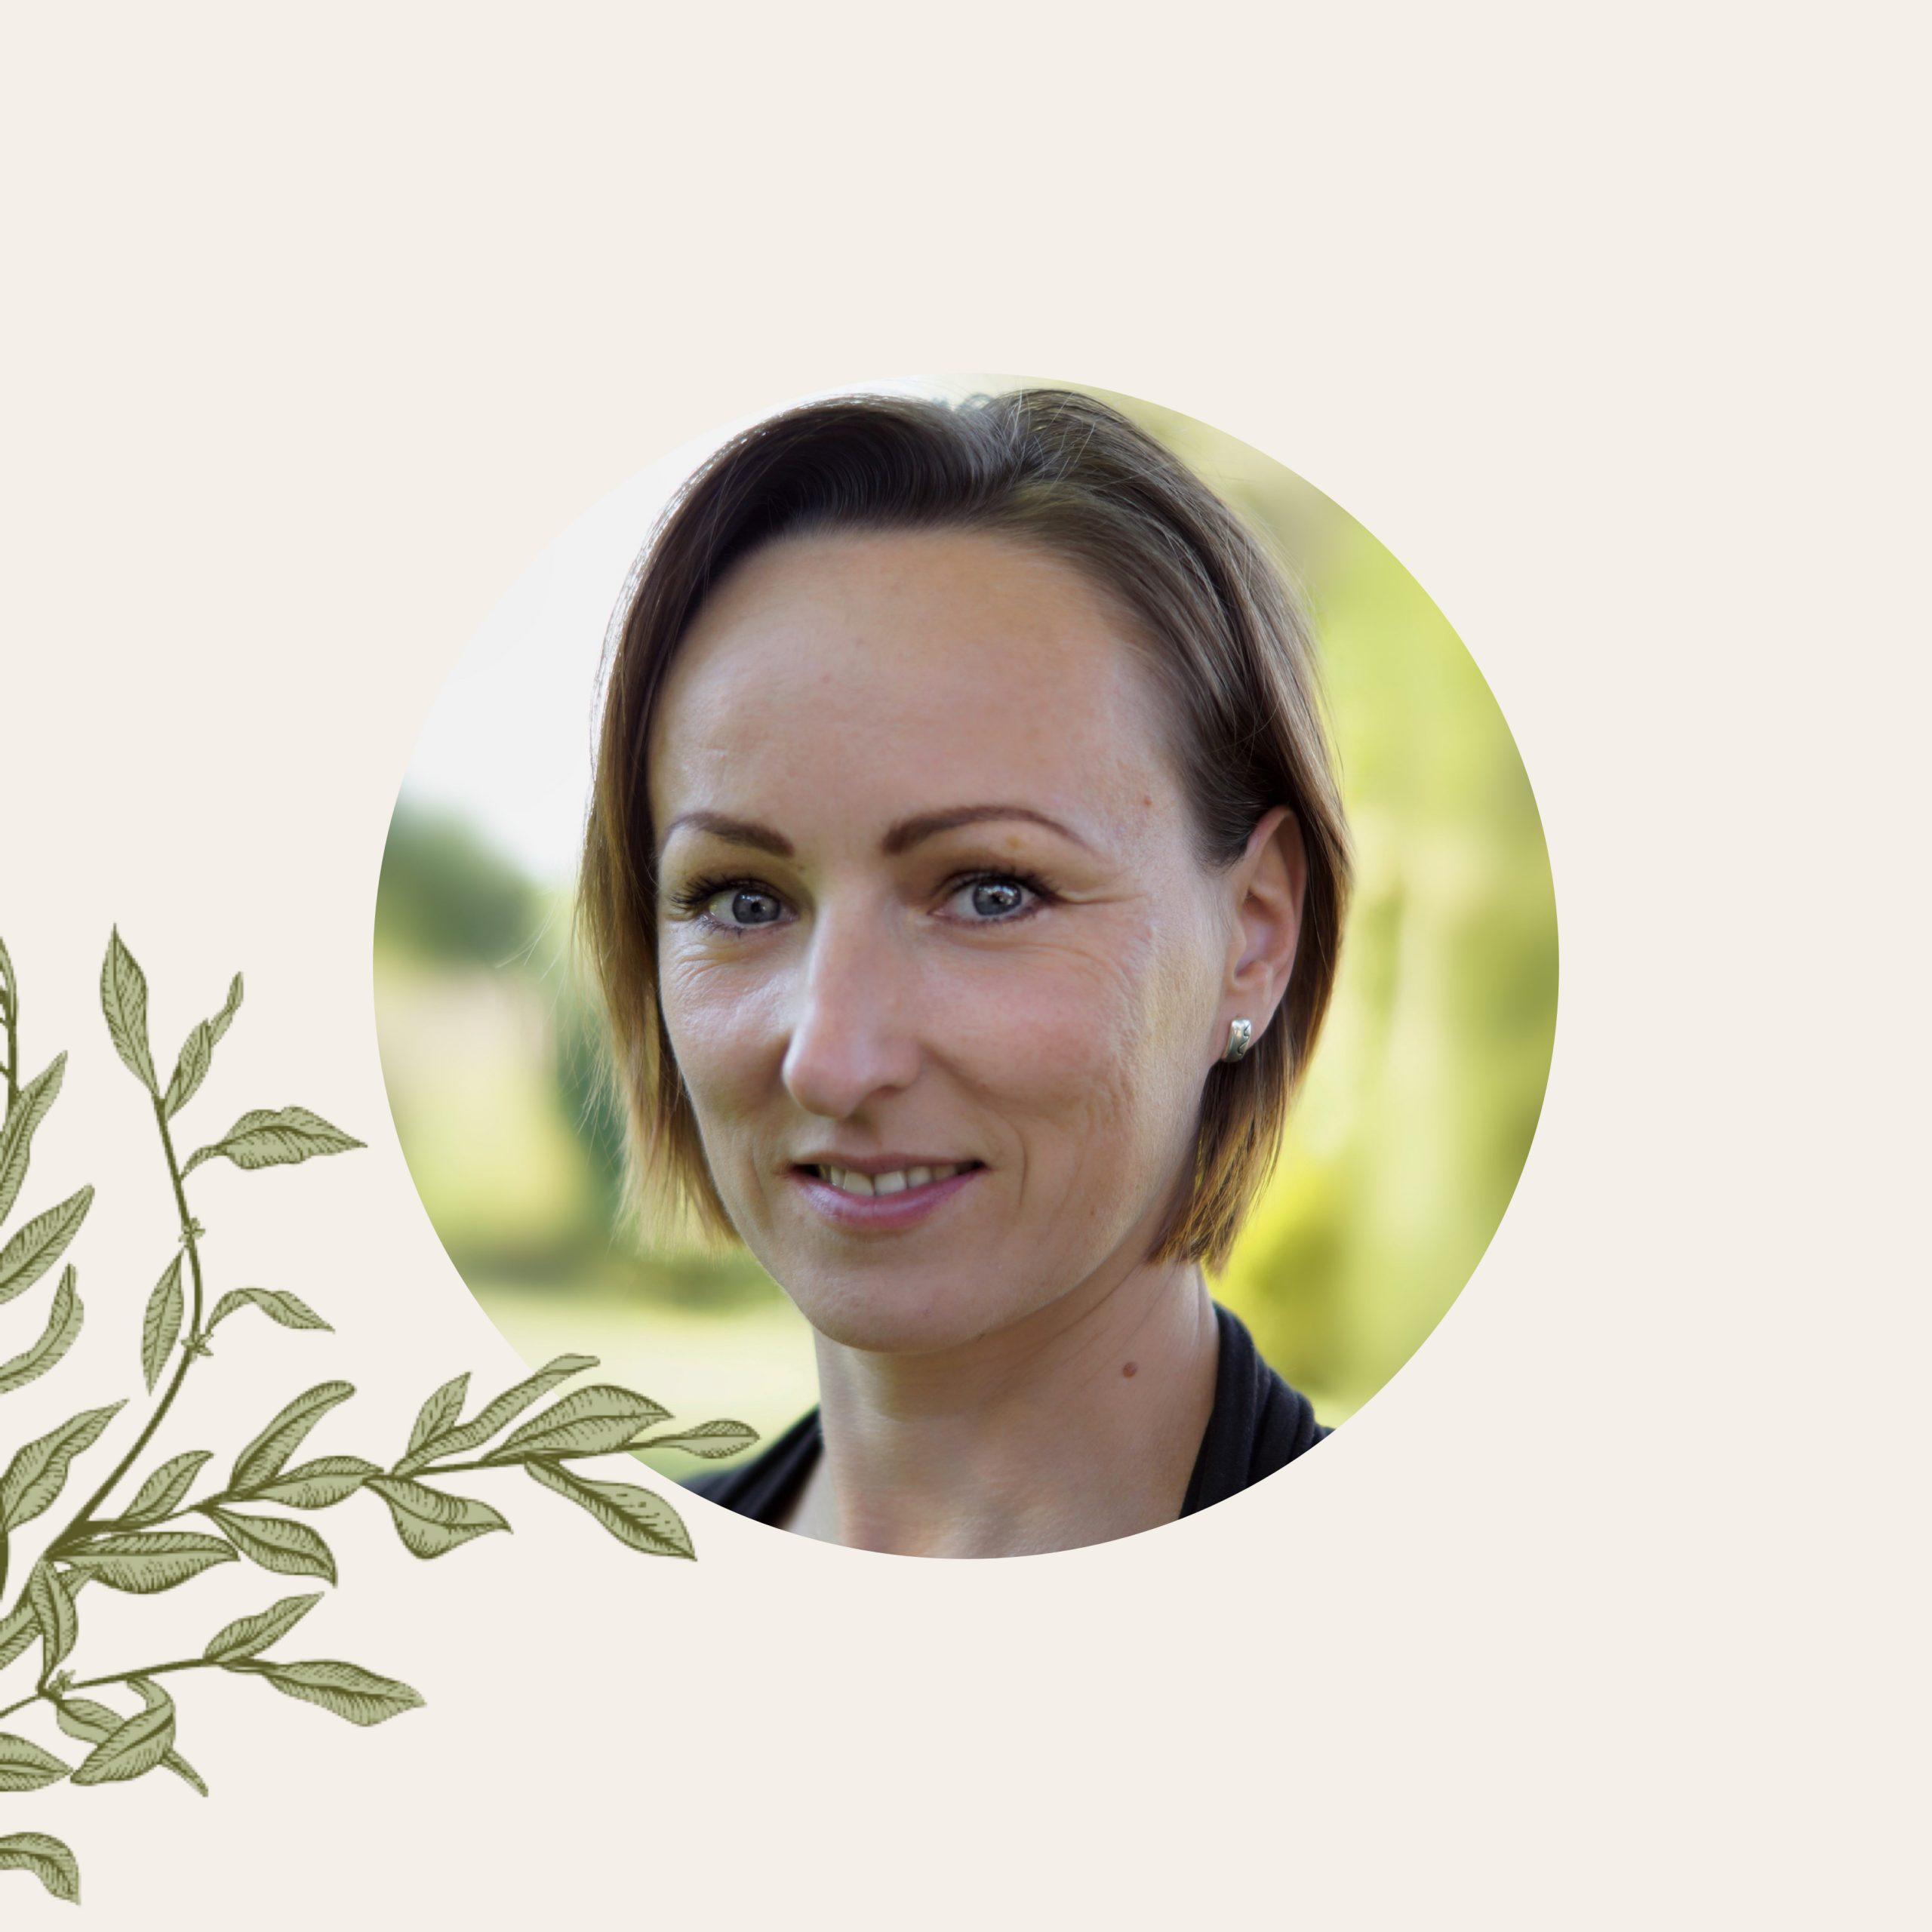 NA ŽIVOT A NA SMRŤ: Ani v minulosti sa o smrti veľa nehovorilo, ale viac sa žila, hovorí etnologička Margita Jágerová (podcast)